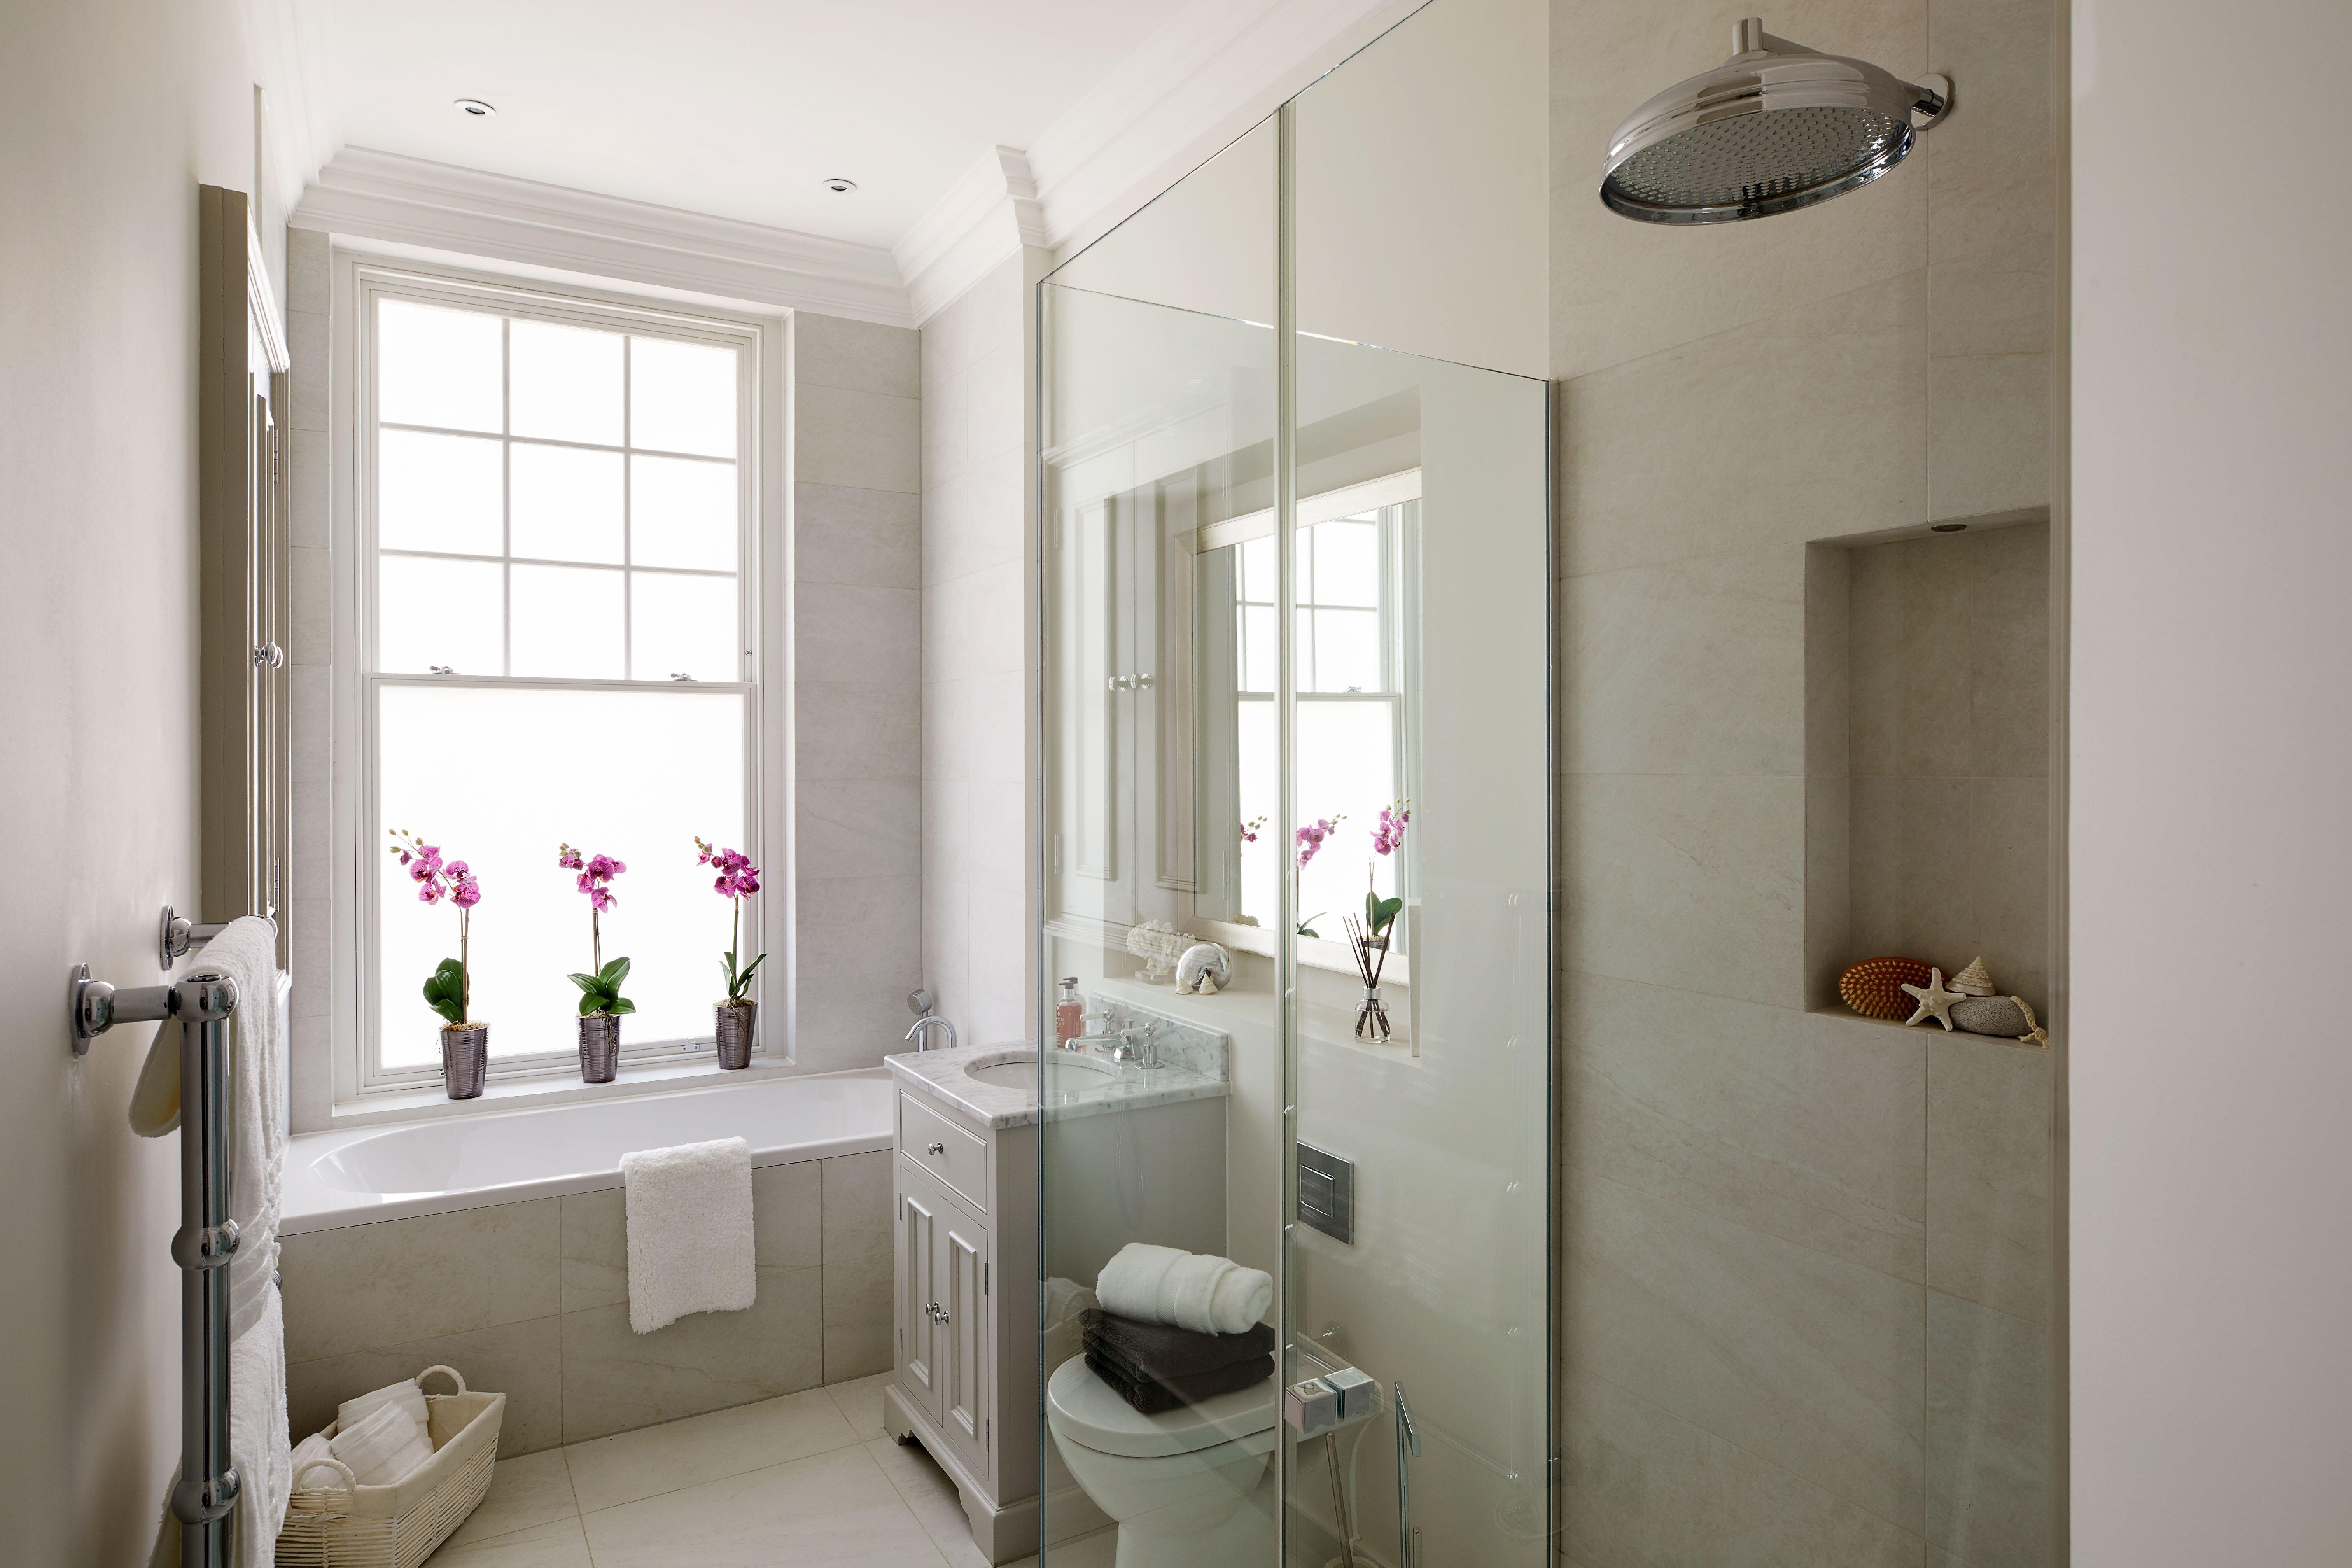 Villeroy boch bathrooms 2